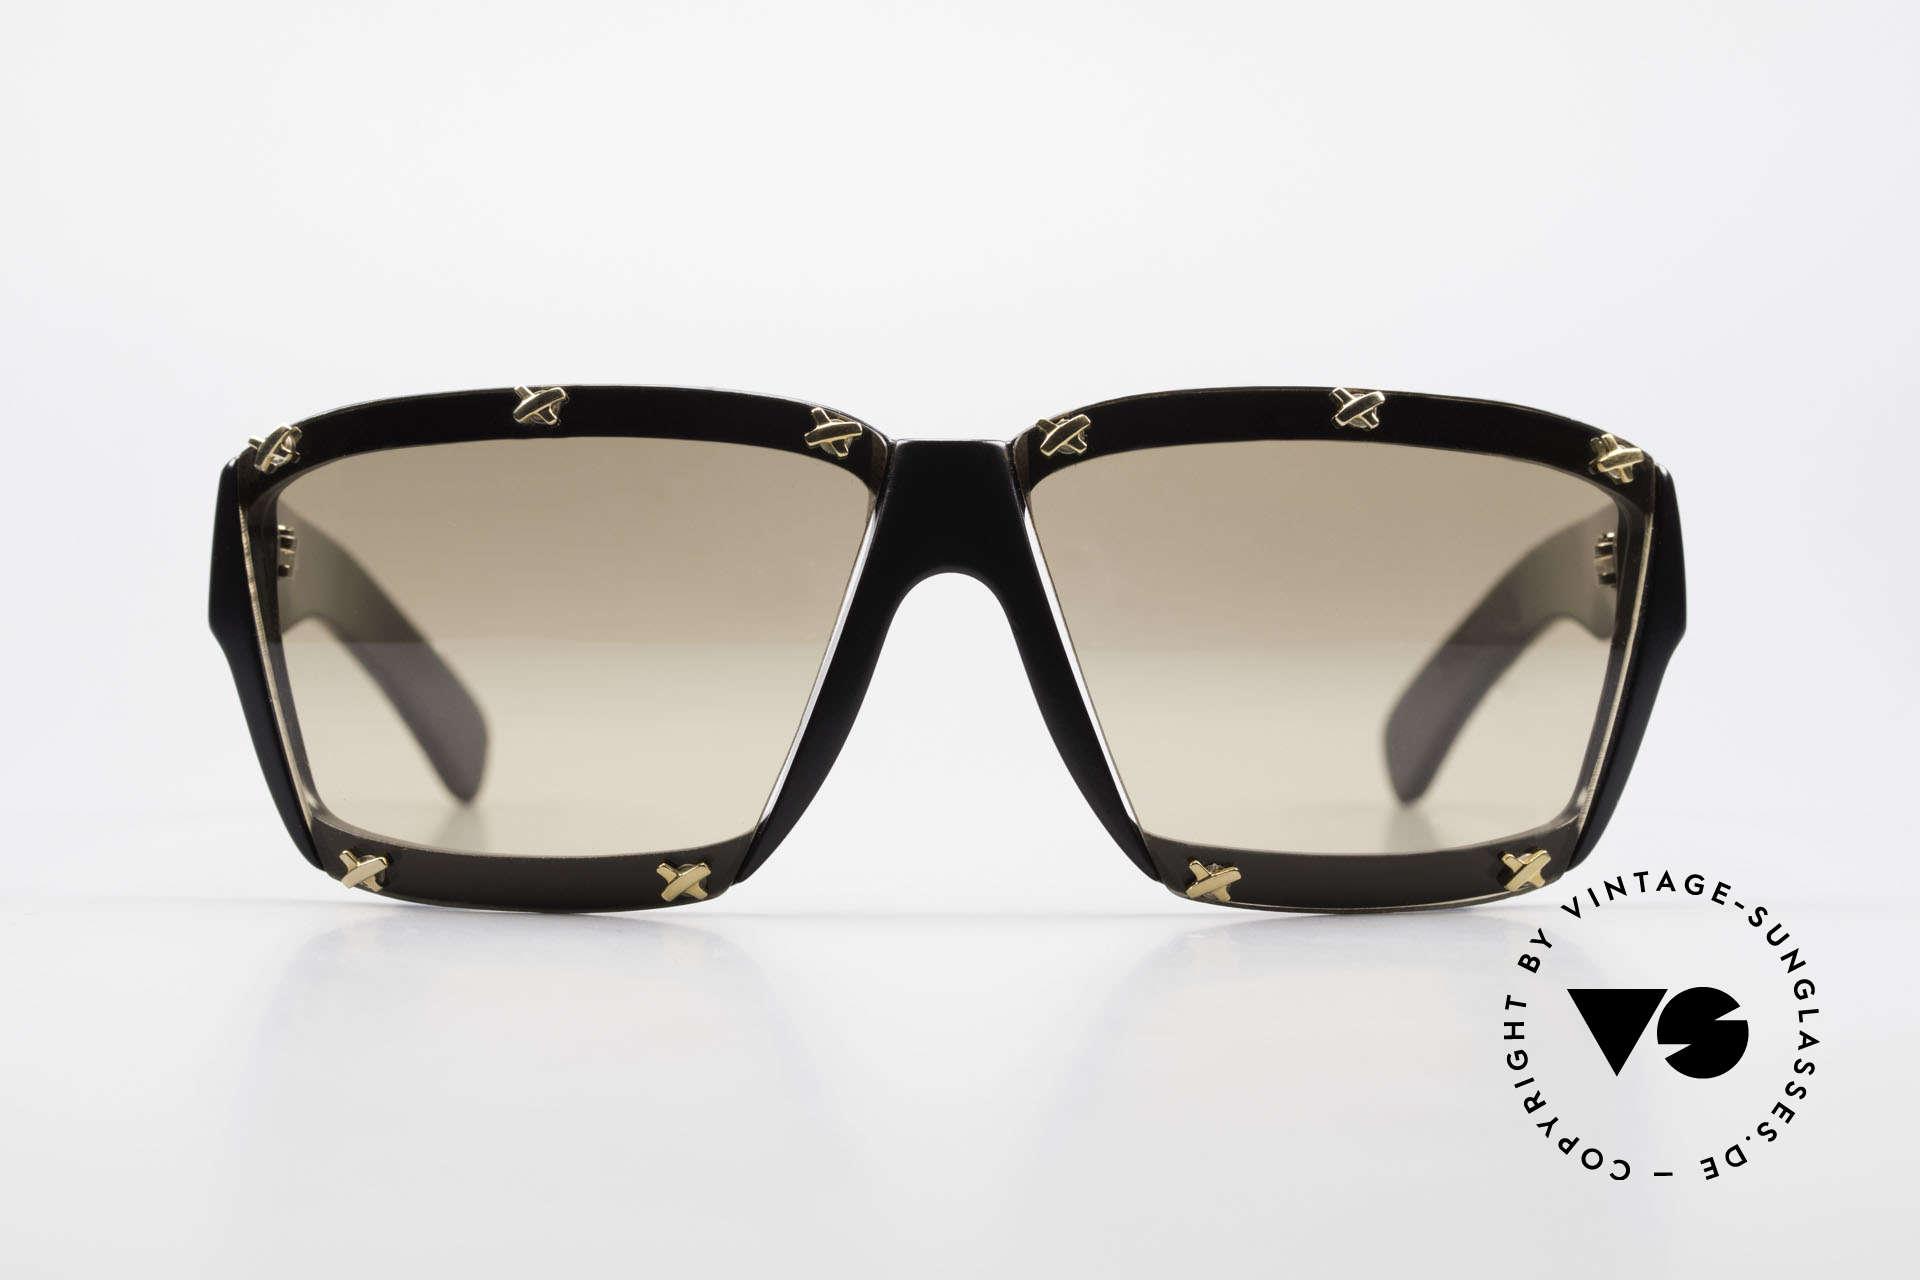 Paloma Picasso 3702 No Retro Sunglasses True 90's, black frame with light mirrored sun lenses; 100% UV, Made for Women